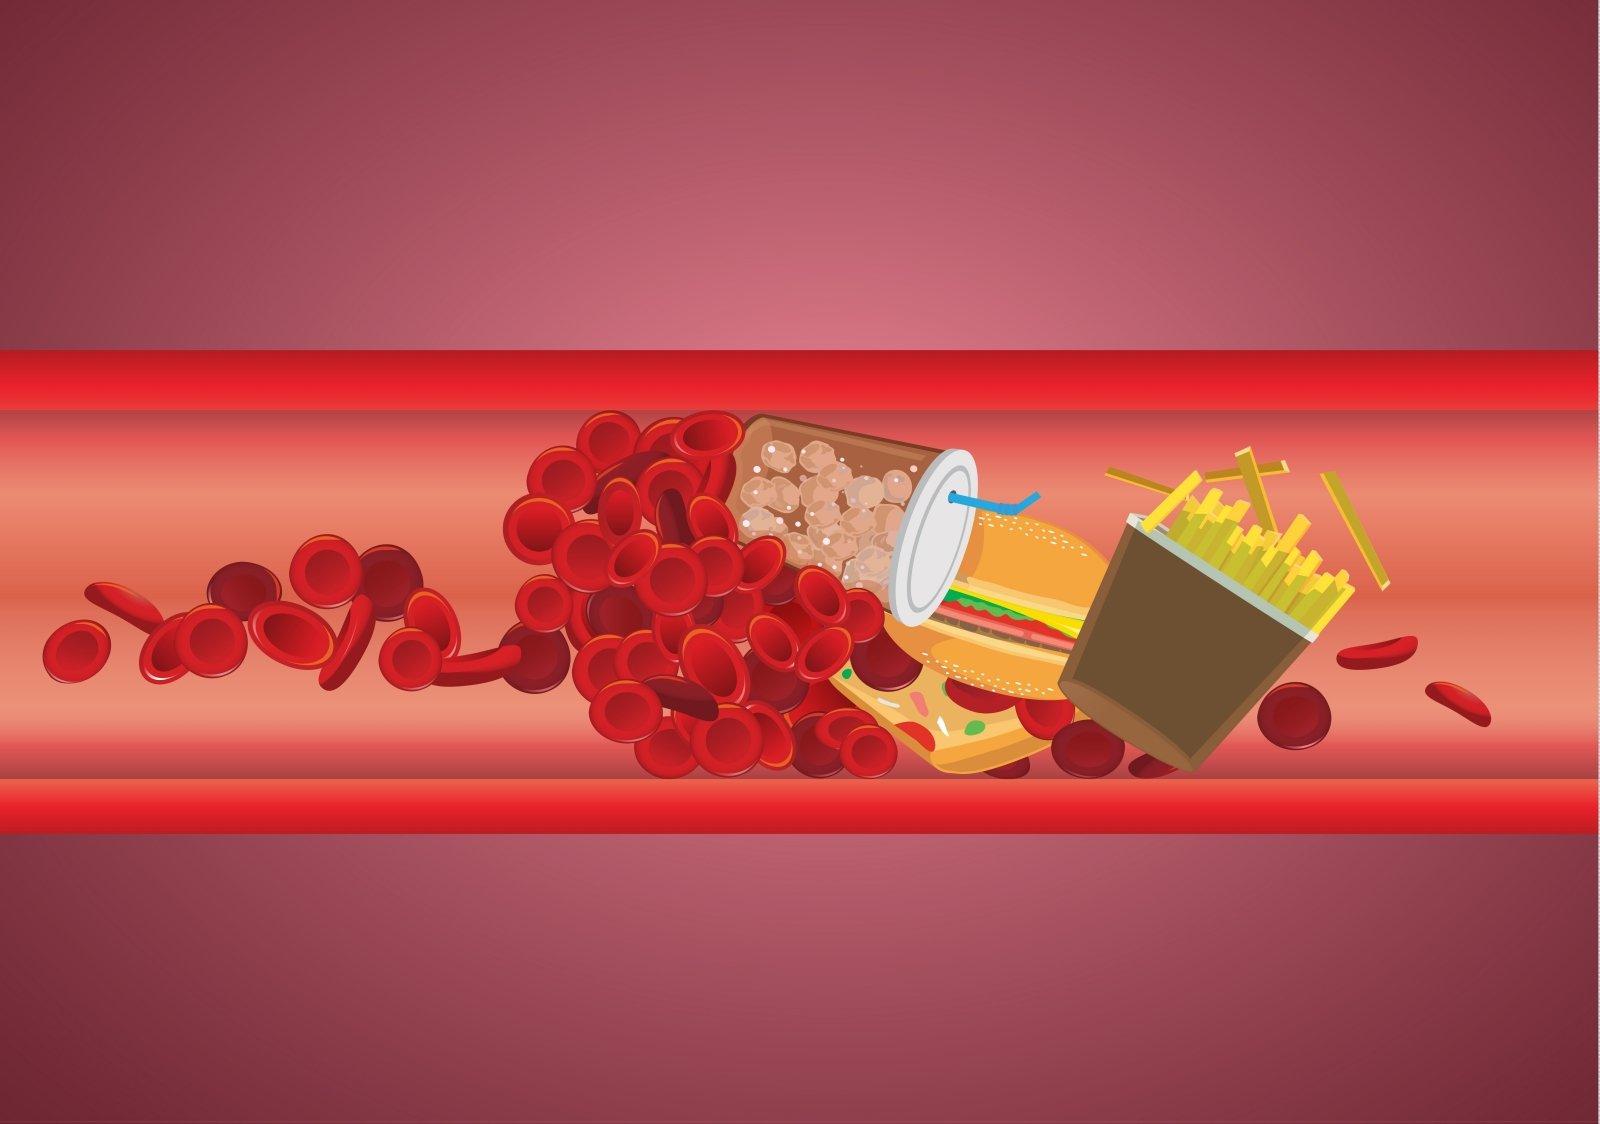 5 būdai, kaip be vaistų sumažinti cholesterolio kiekį kraujyje